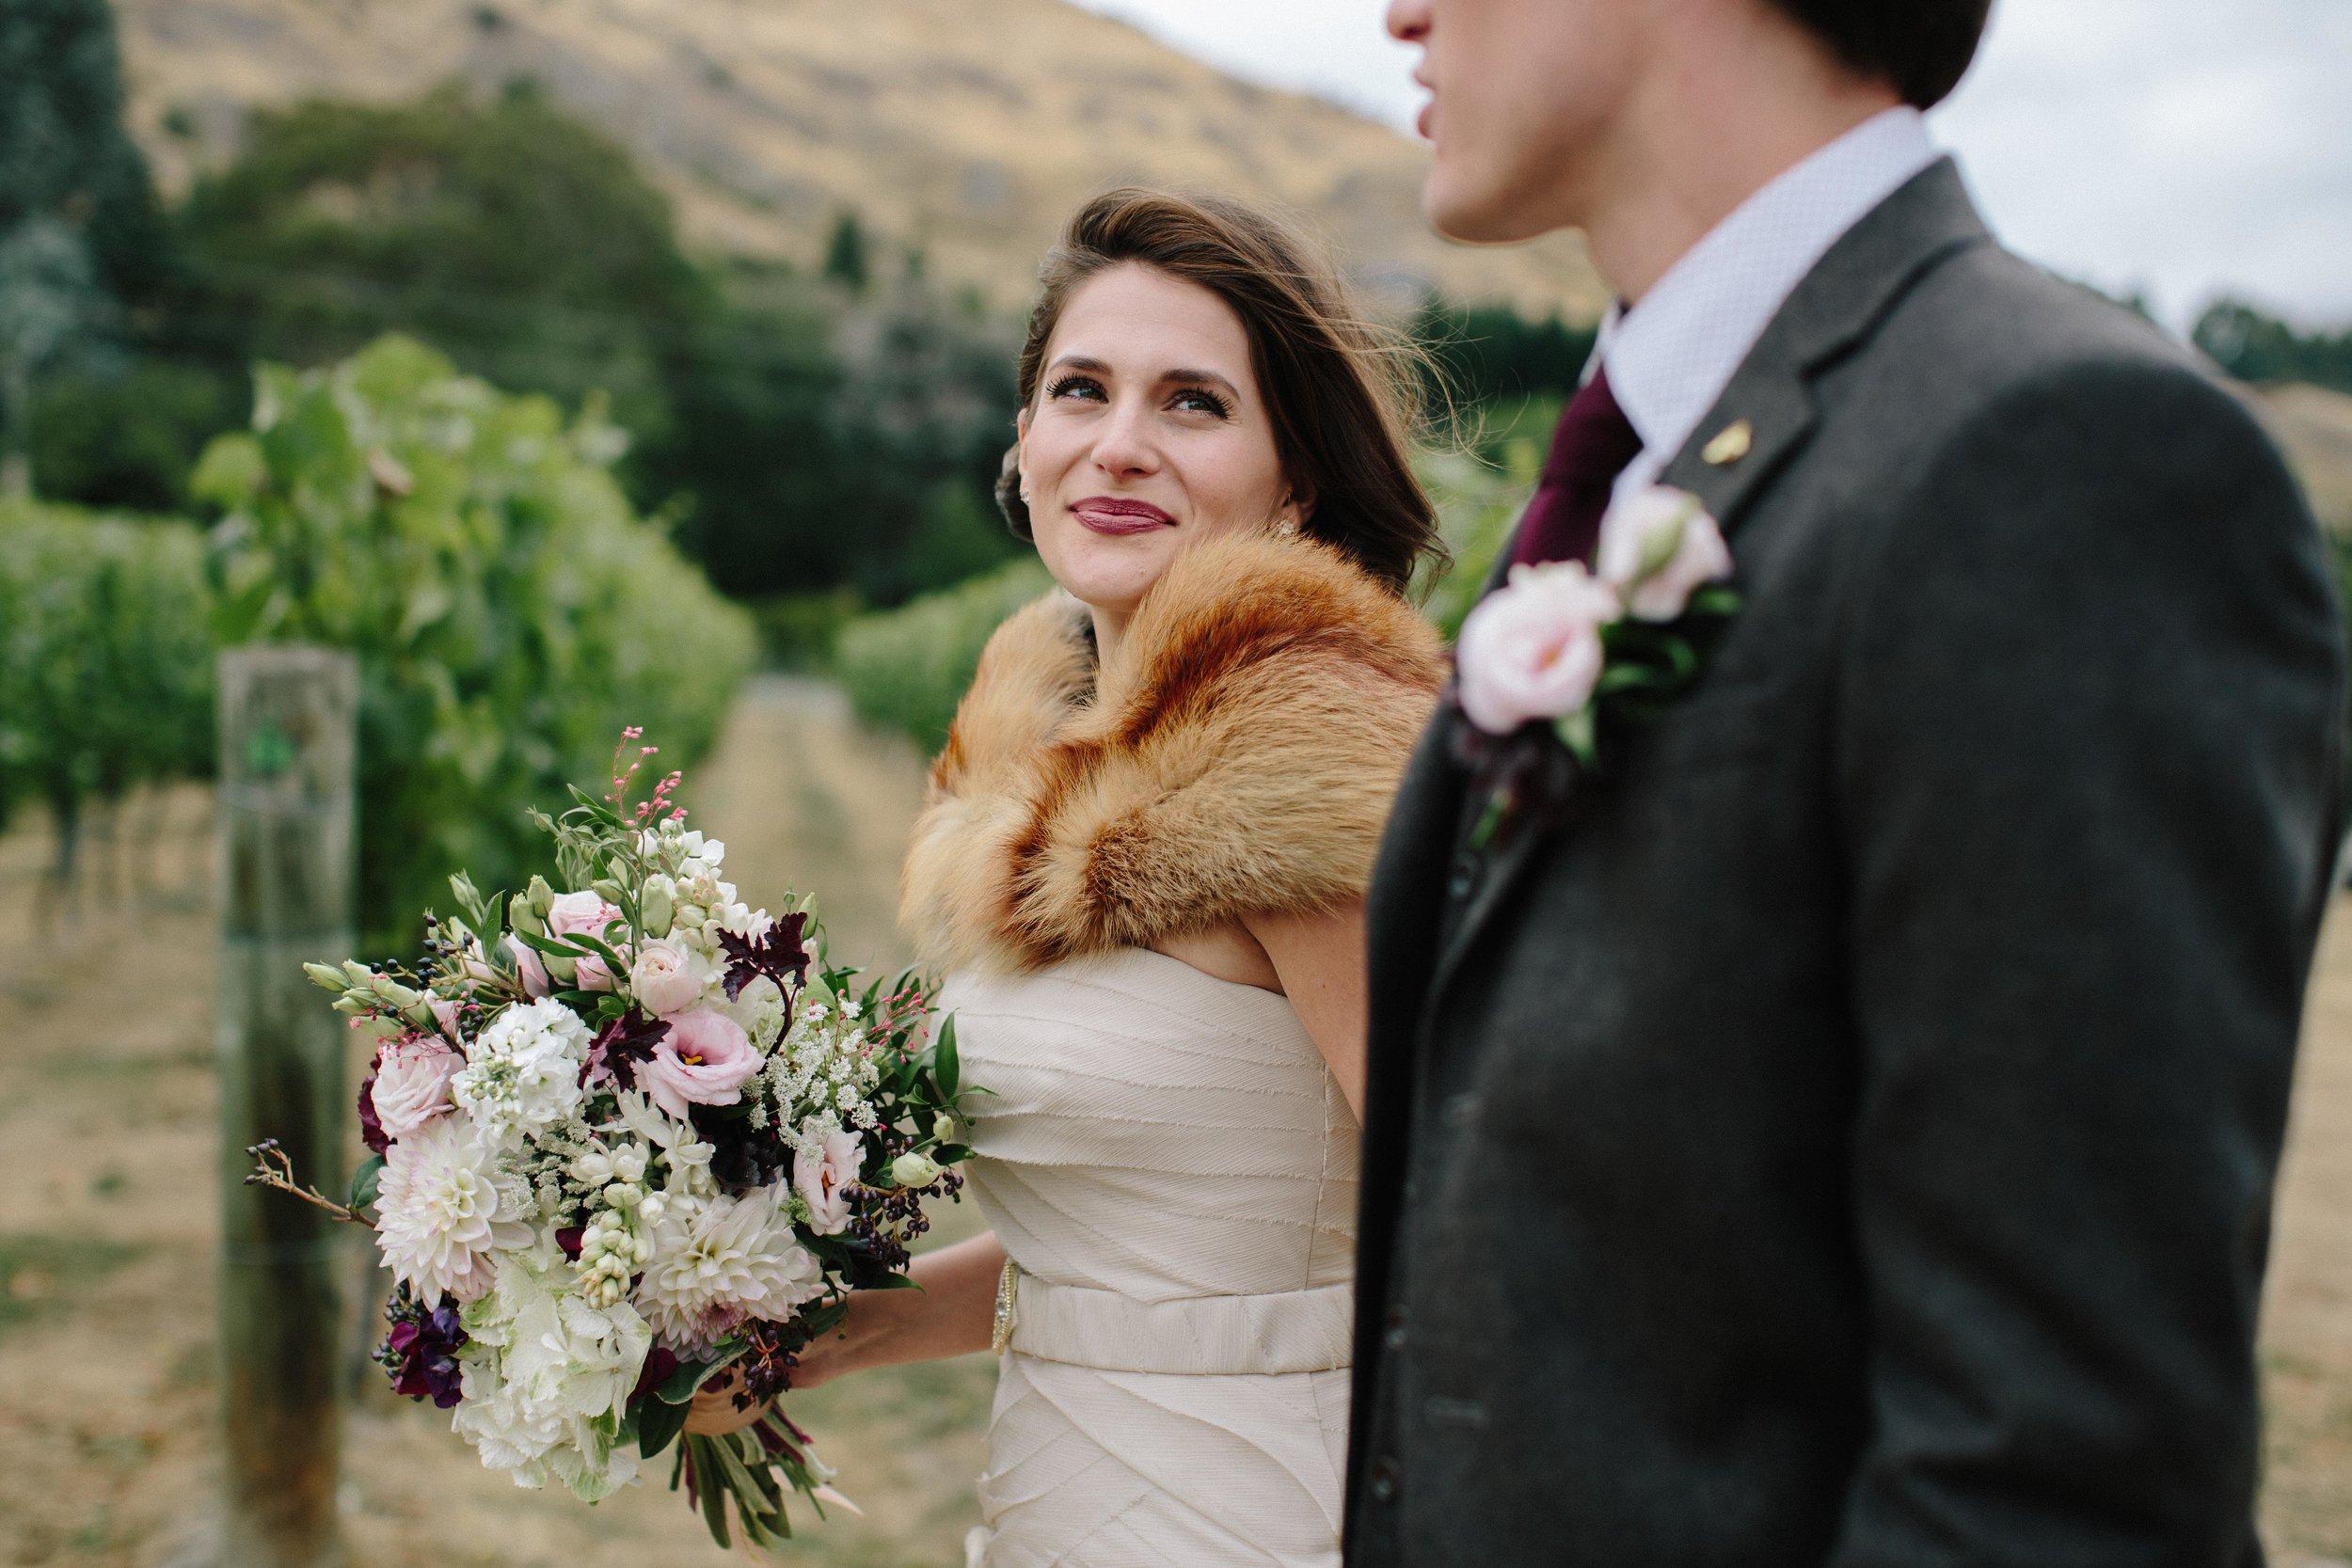 New Zealand-Bride-Bouqet-Adventure-Elopement-.jpg